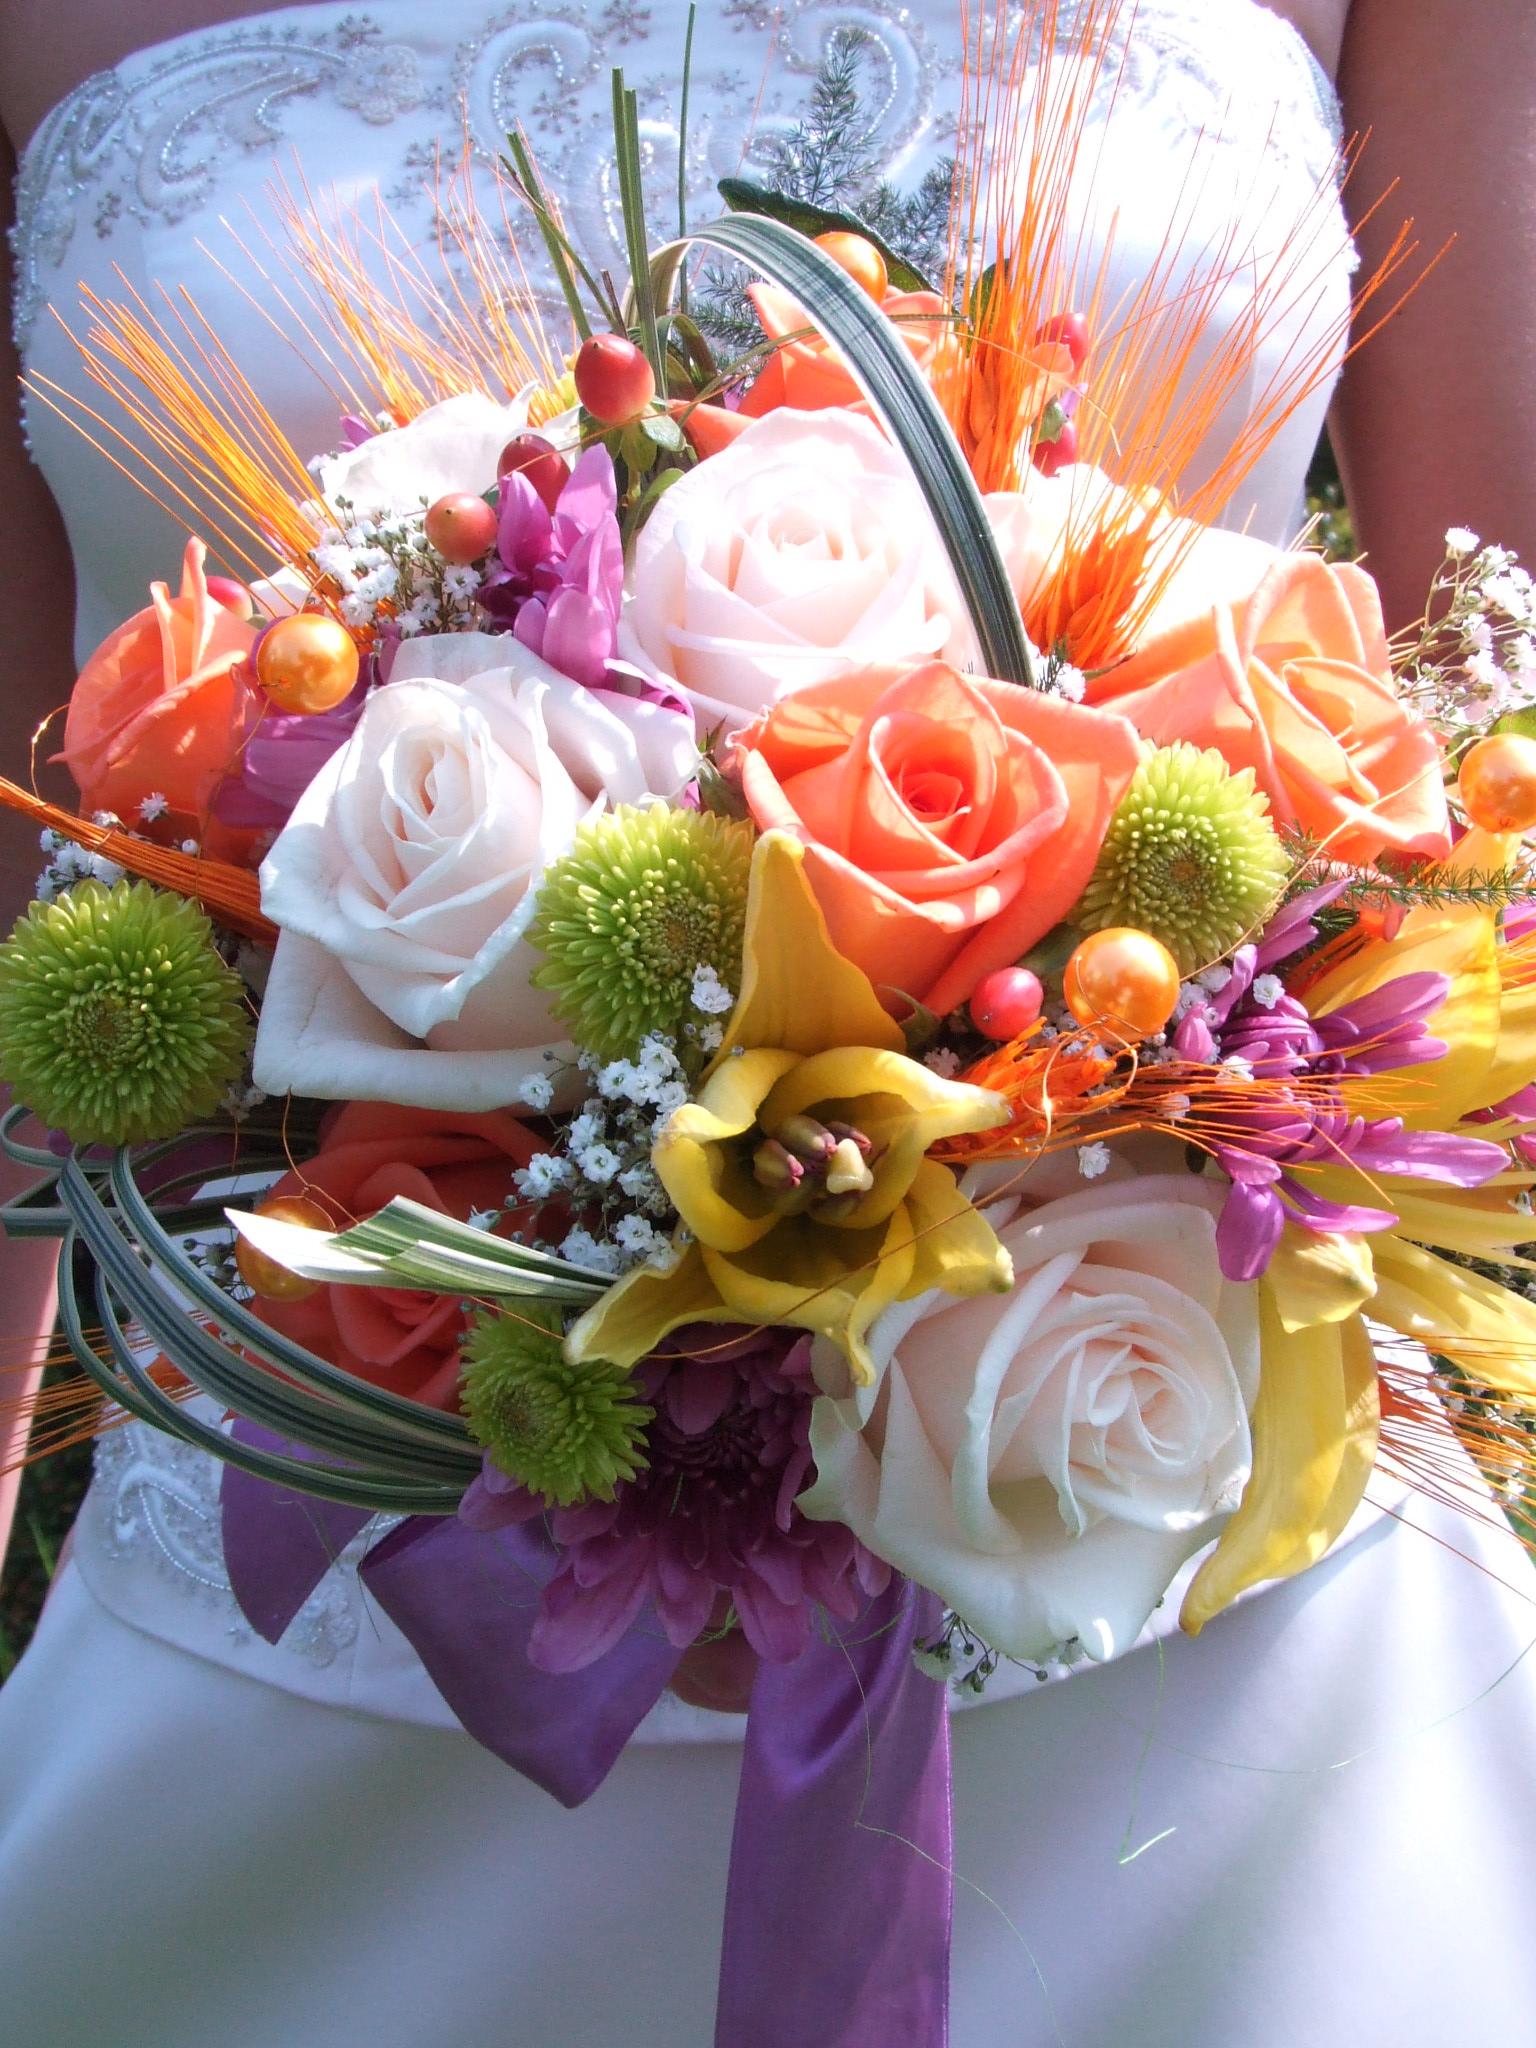 Опубликовано. пикселей. Примеры свадебных букетов из роз. 16.07.2012